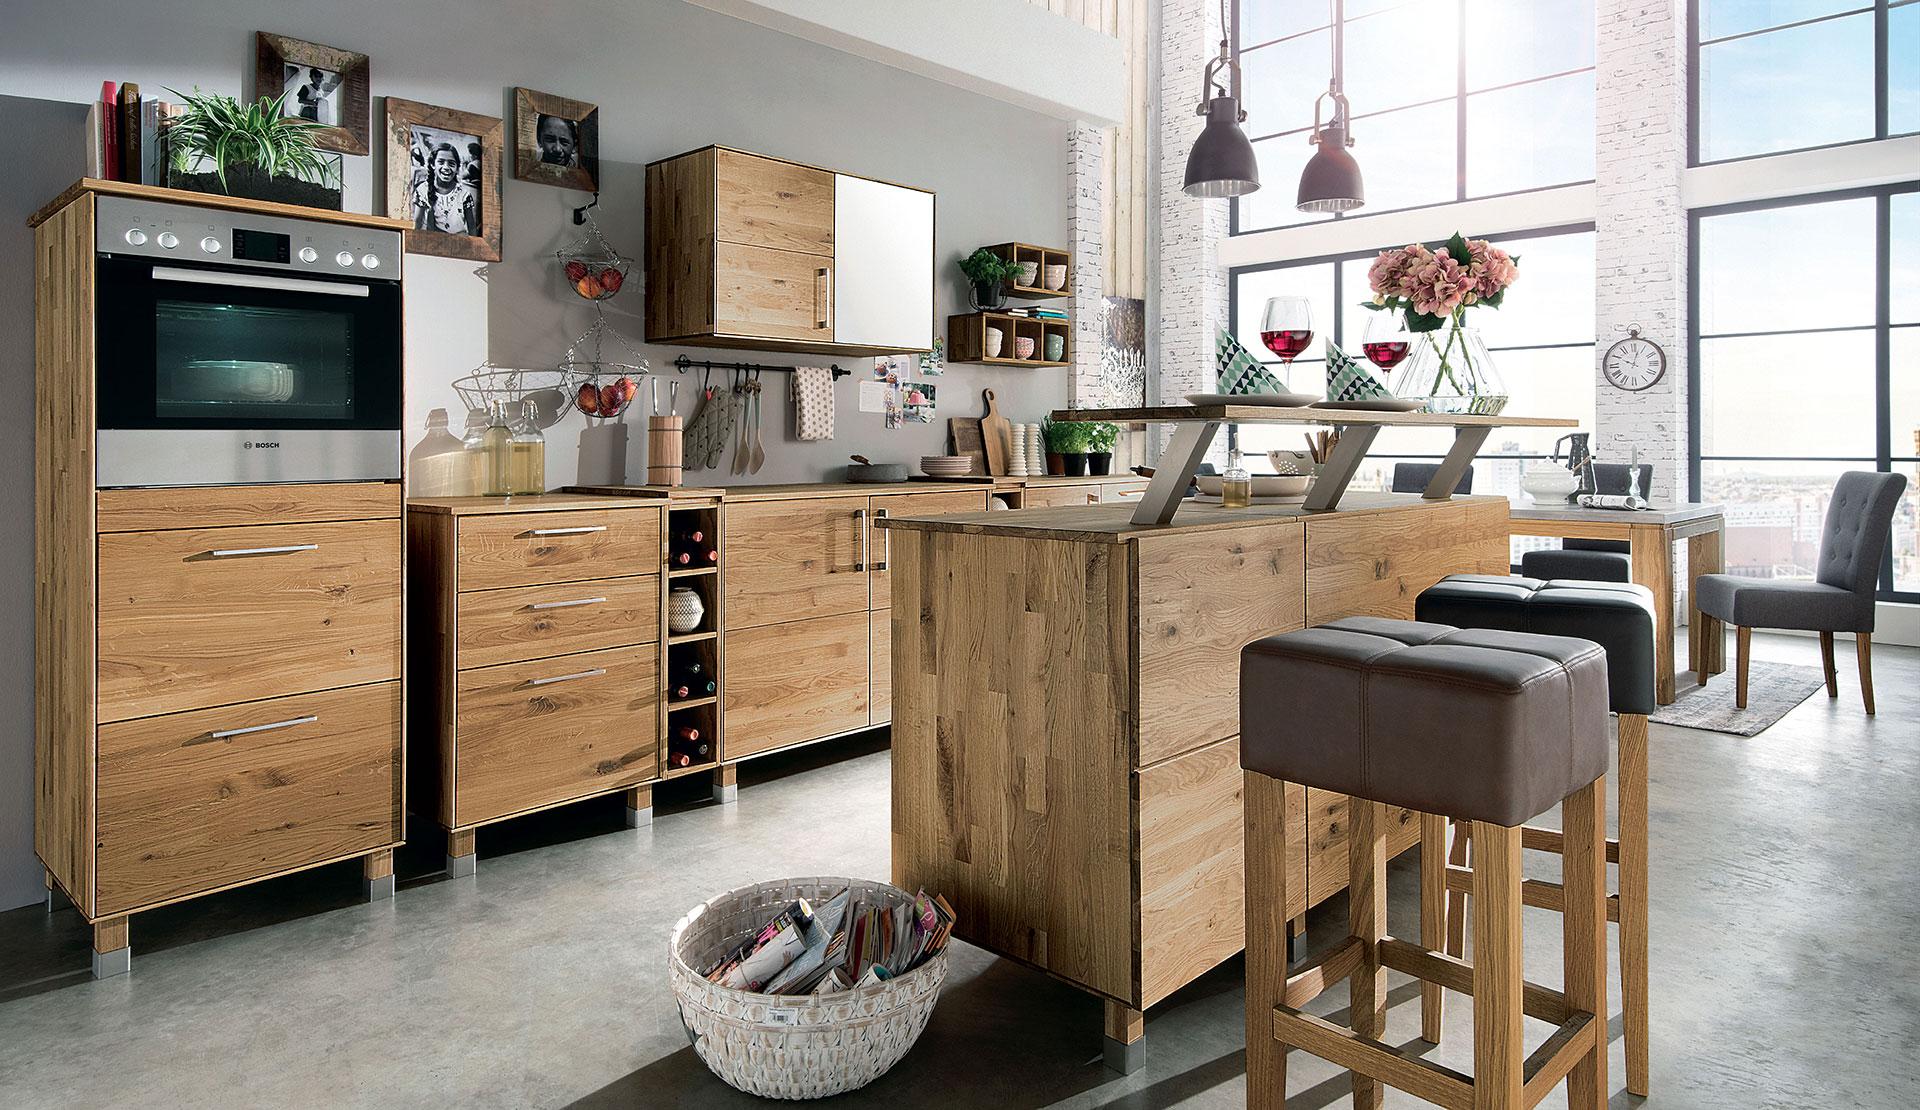 Full Size of Freistehende Küchen Massivholz Modulkche Culinara Schadstoffgeprft Küche Regal Wohnzimmer Freistehende Küchen